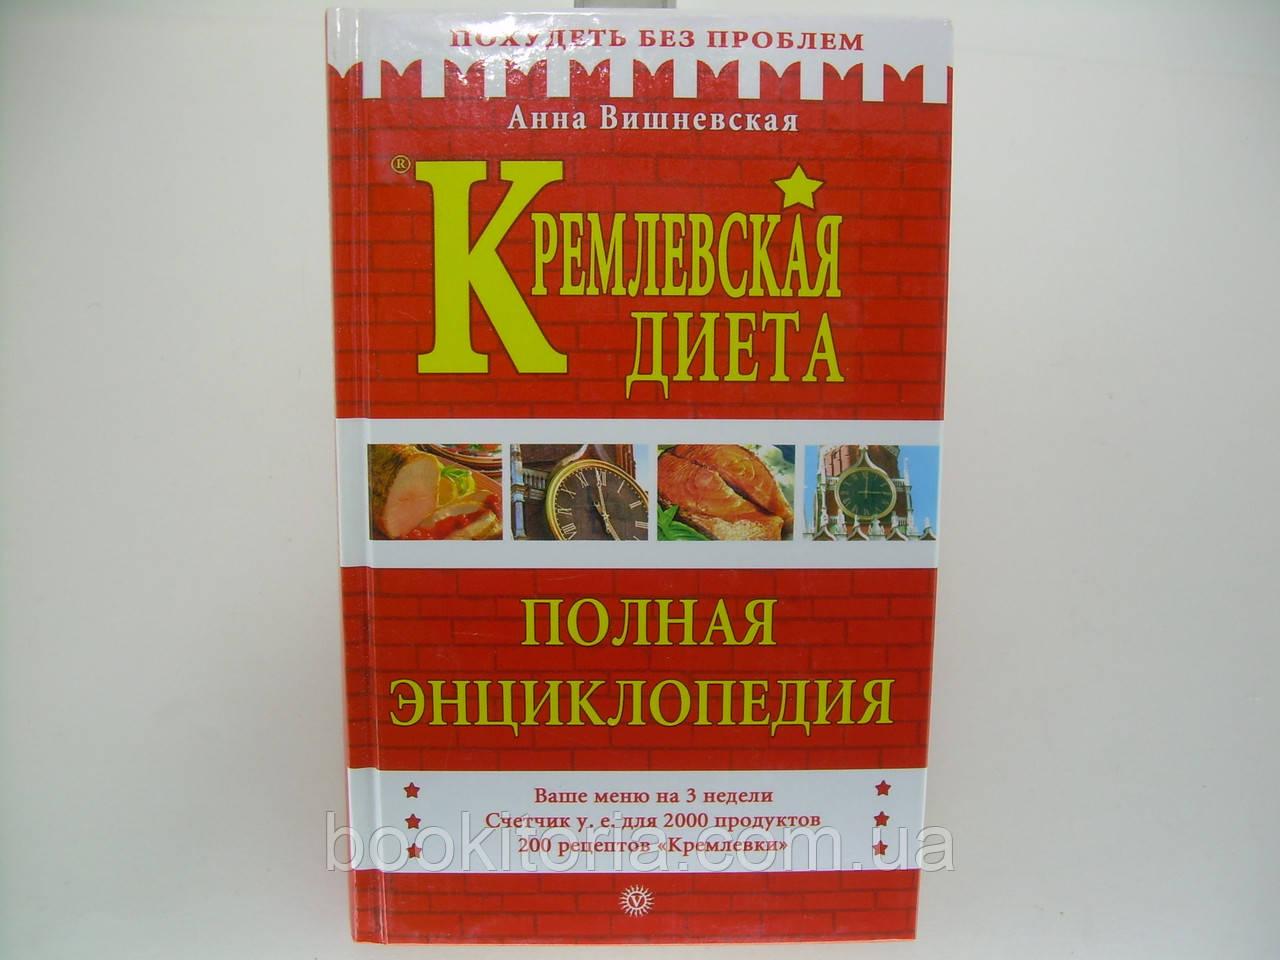 Вишневская. А. В. Кремлевская диета. Полная энциклопедия.